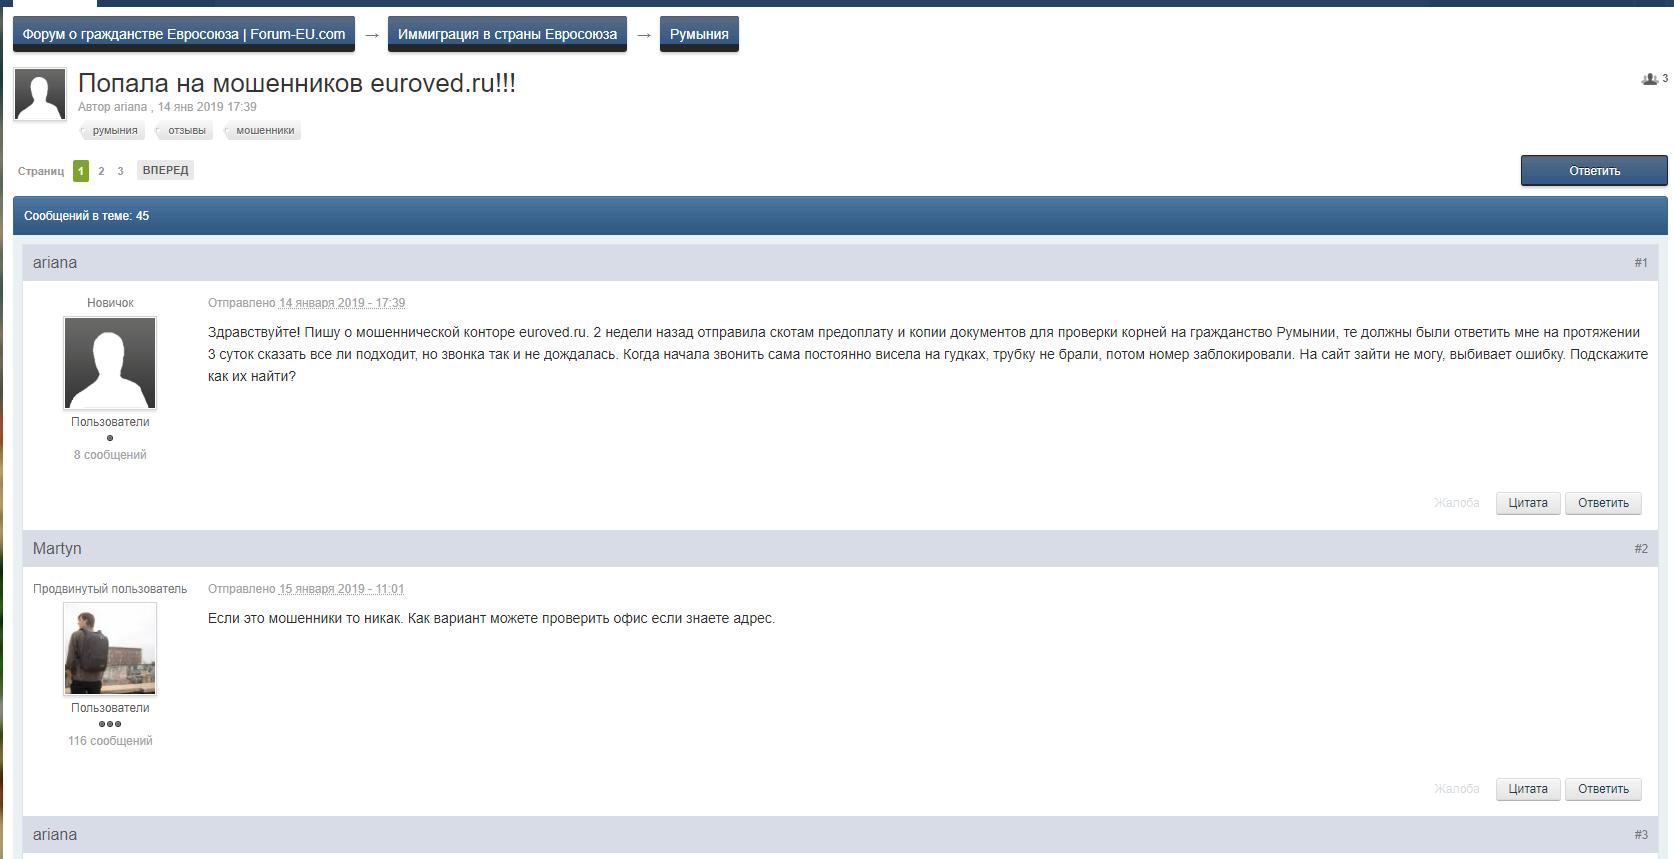 отзывы Euroved на forum-eu.com